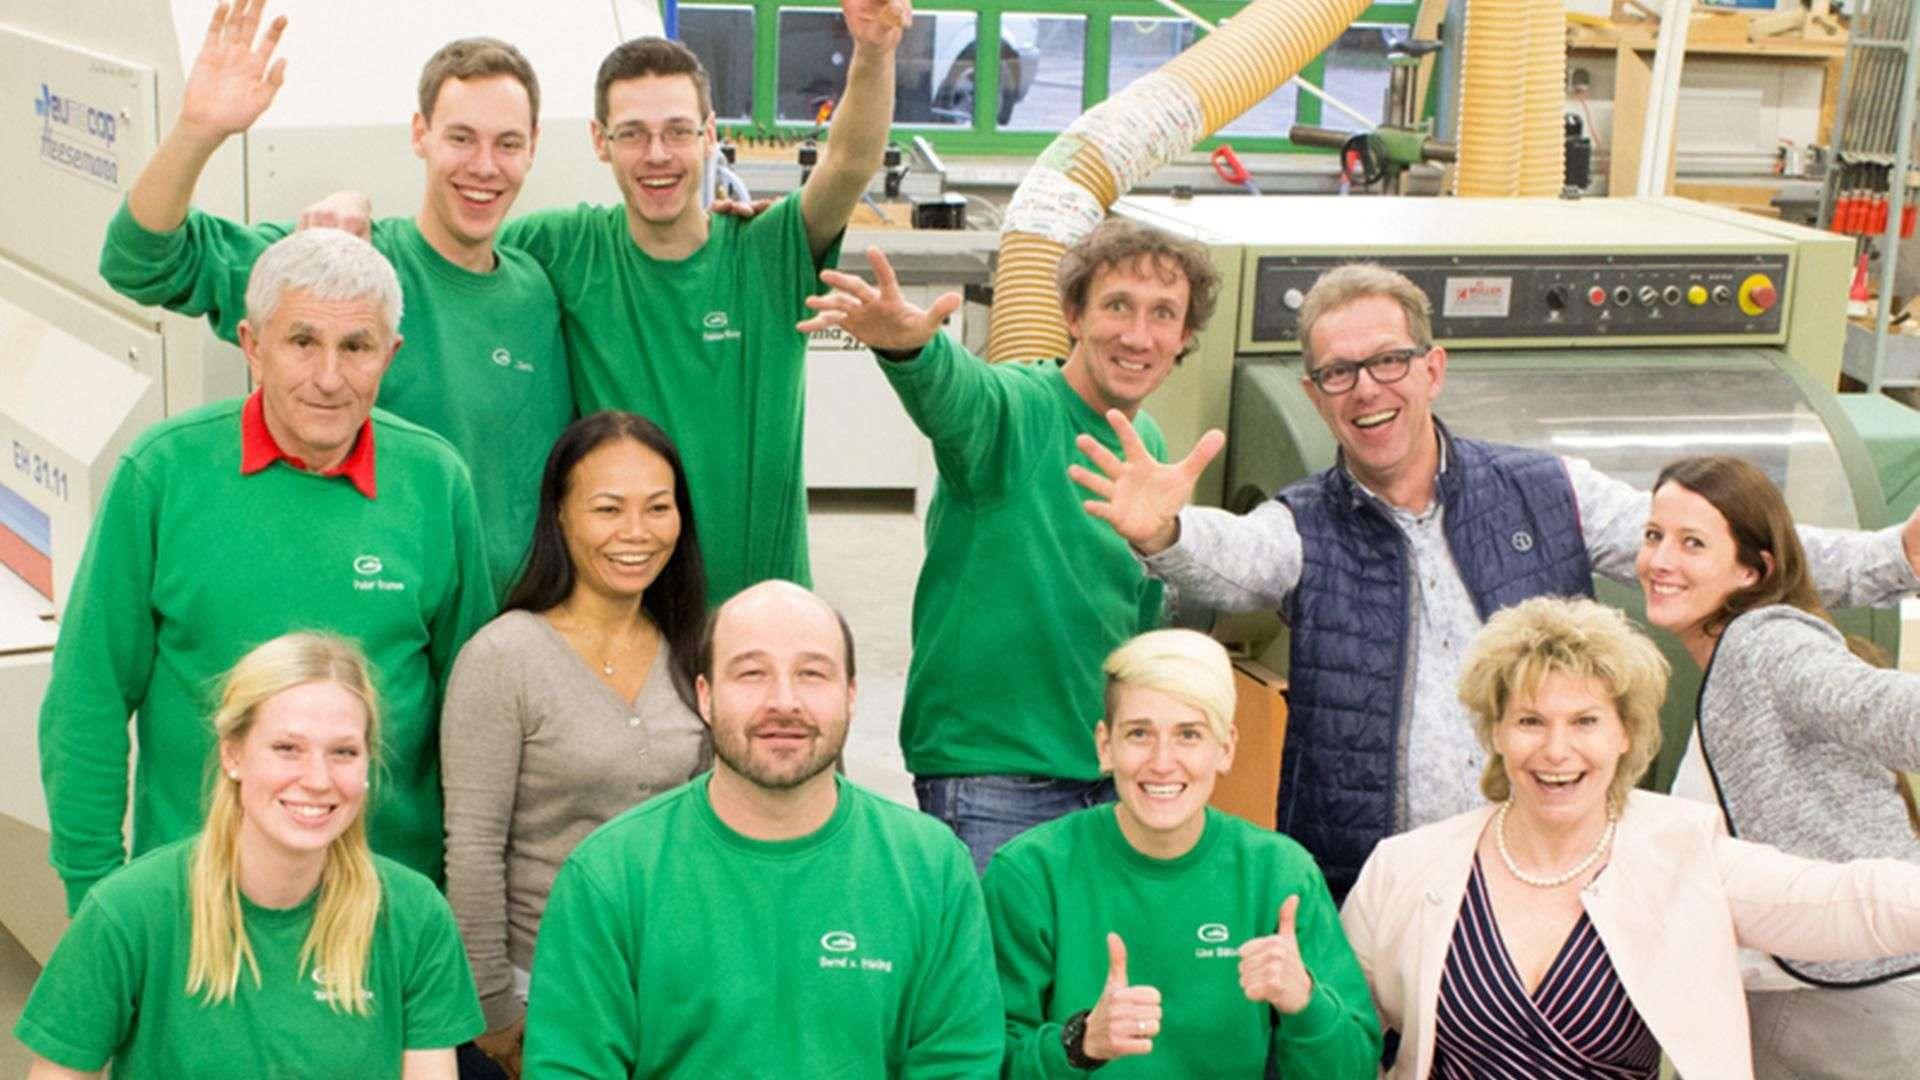 Gruppenbild der Gleue Mitarbeiter in deren Produktion in Lindwedel